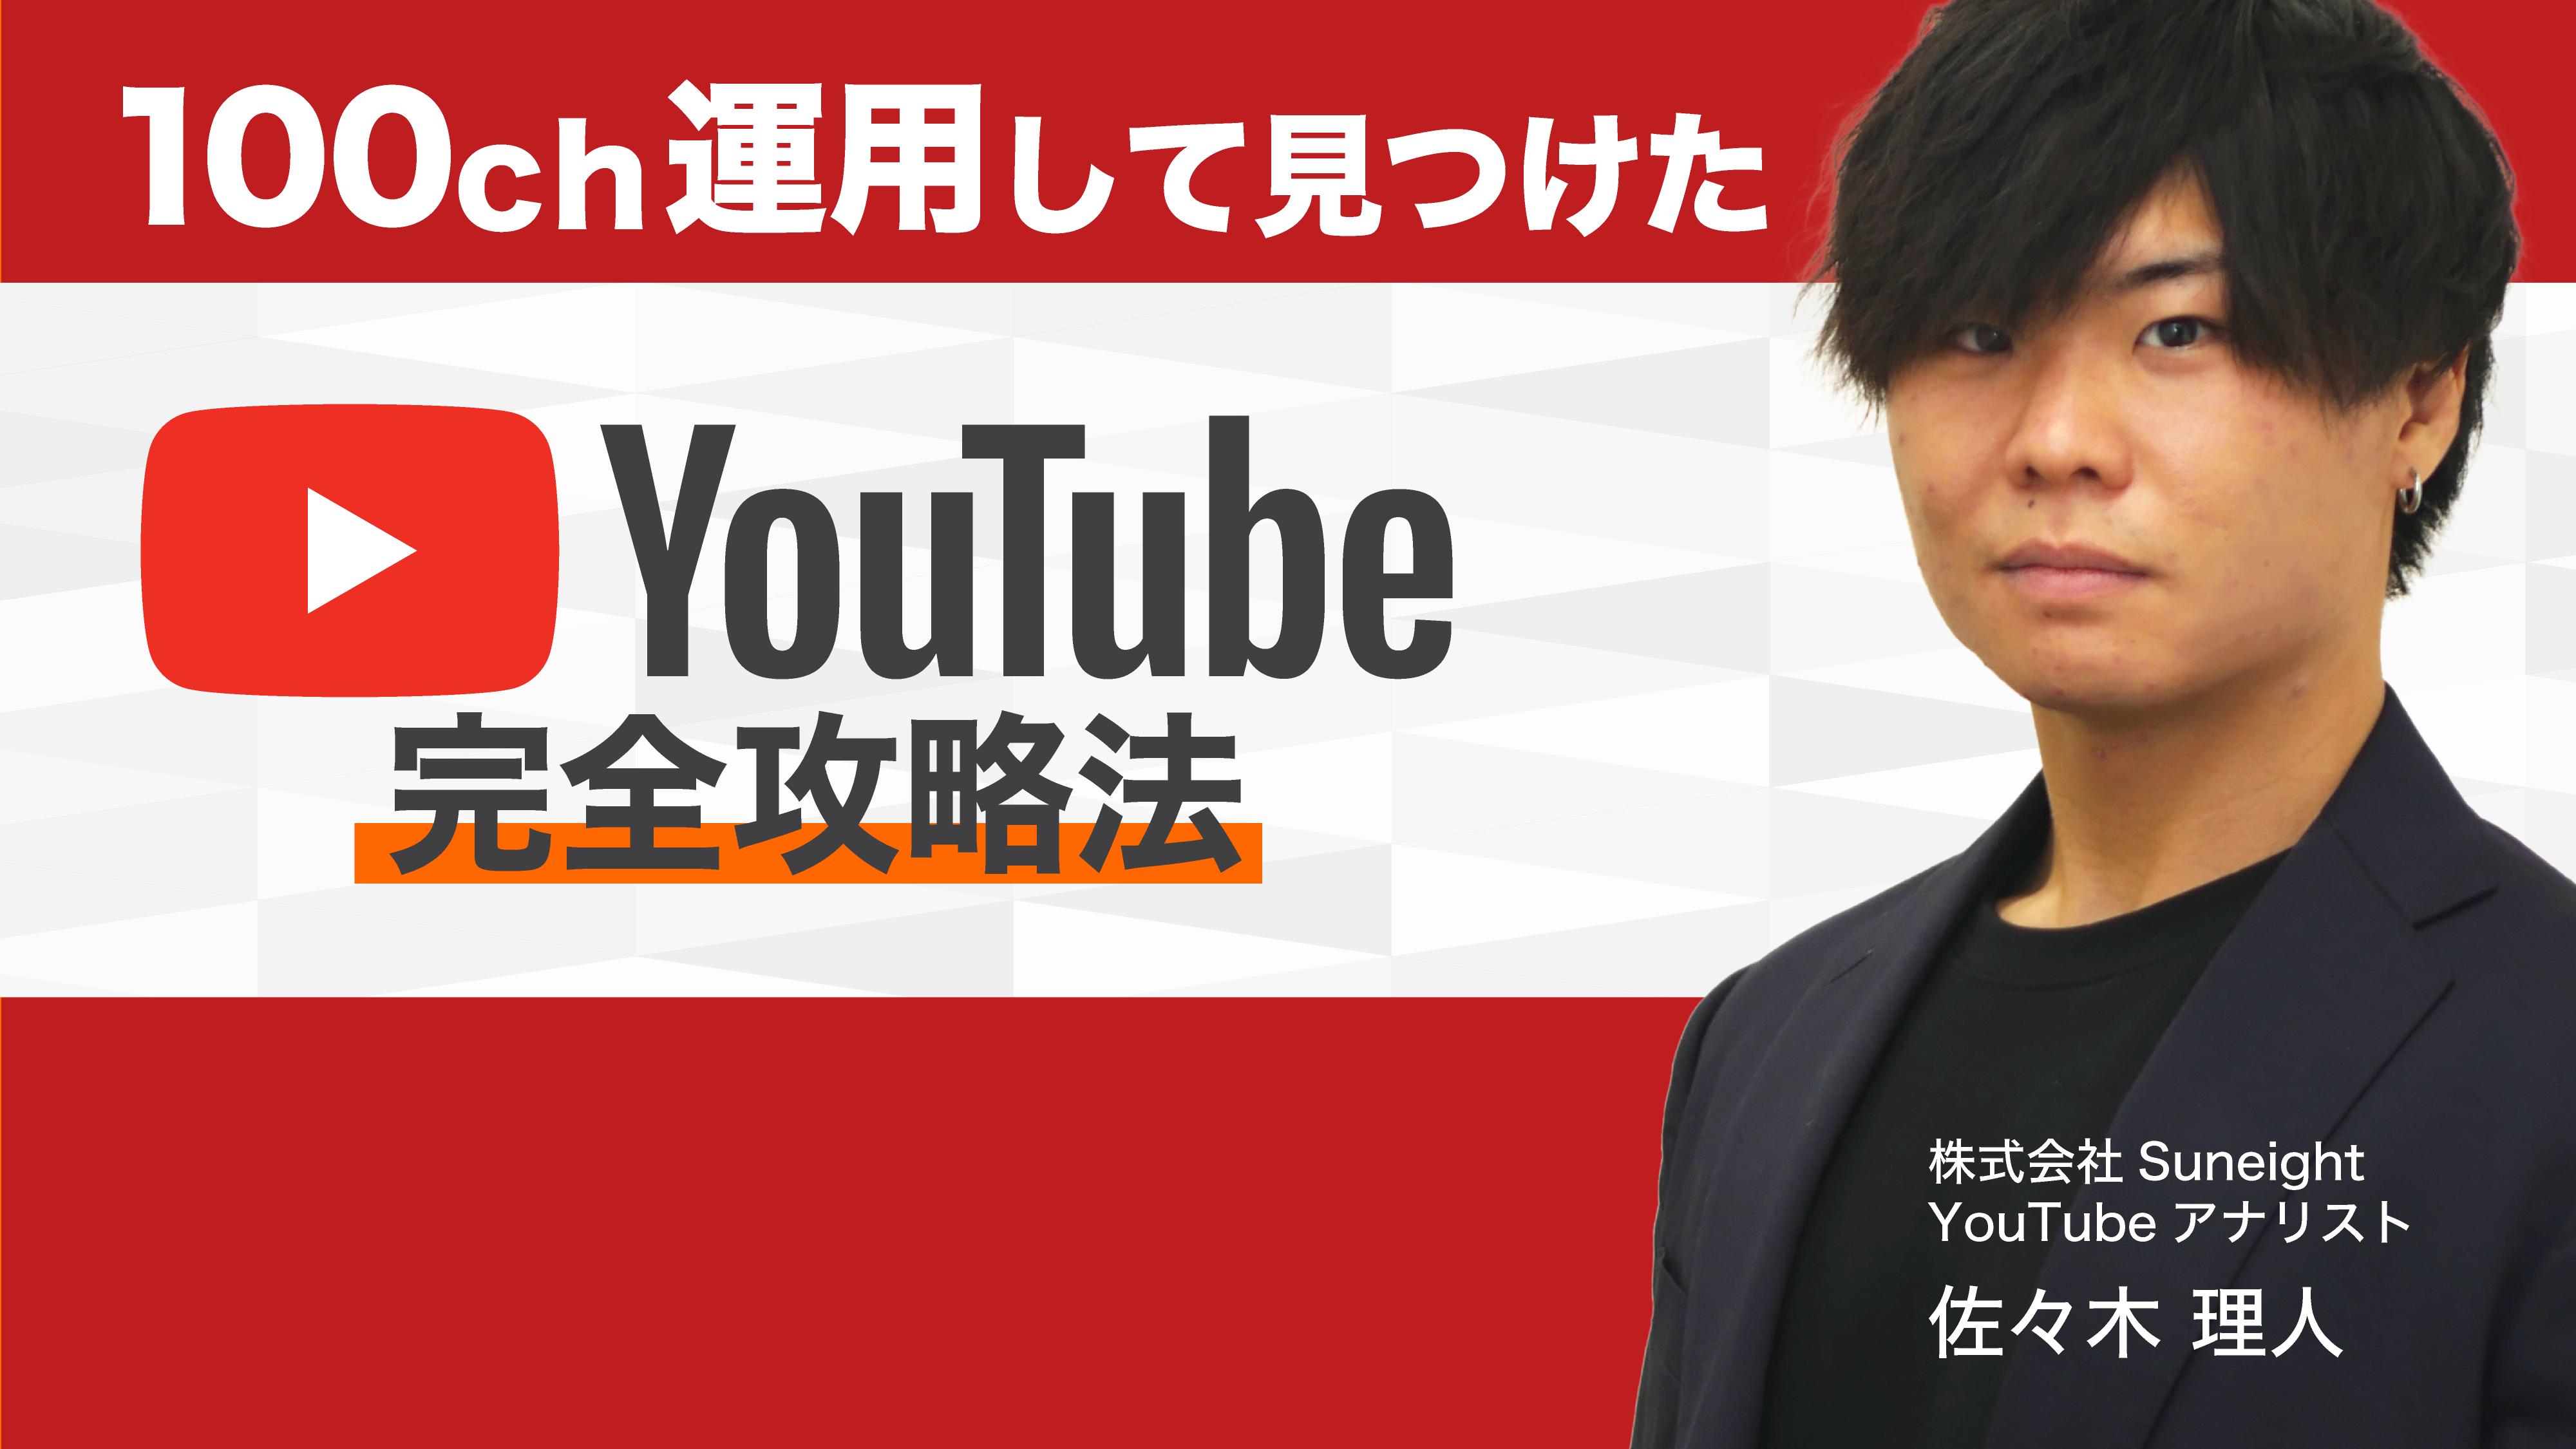 【YouTubeセミナー】100チャンネル運用してわかったYouTube完全攻略法